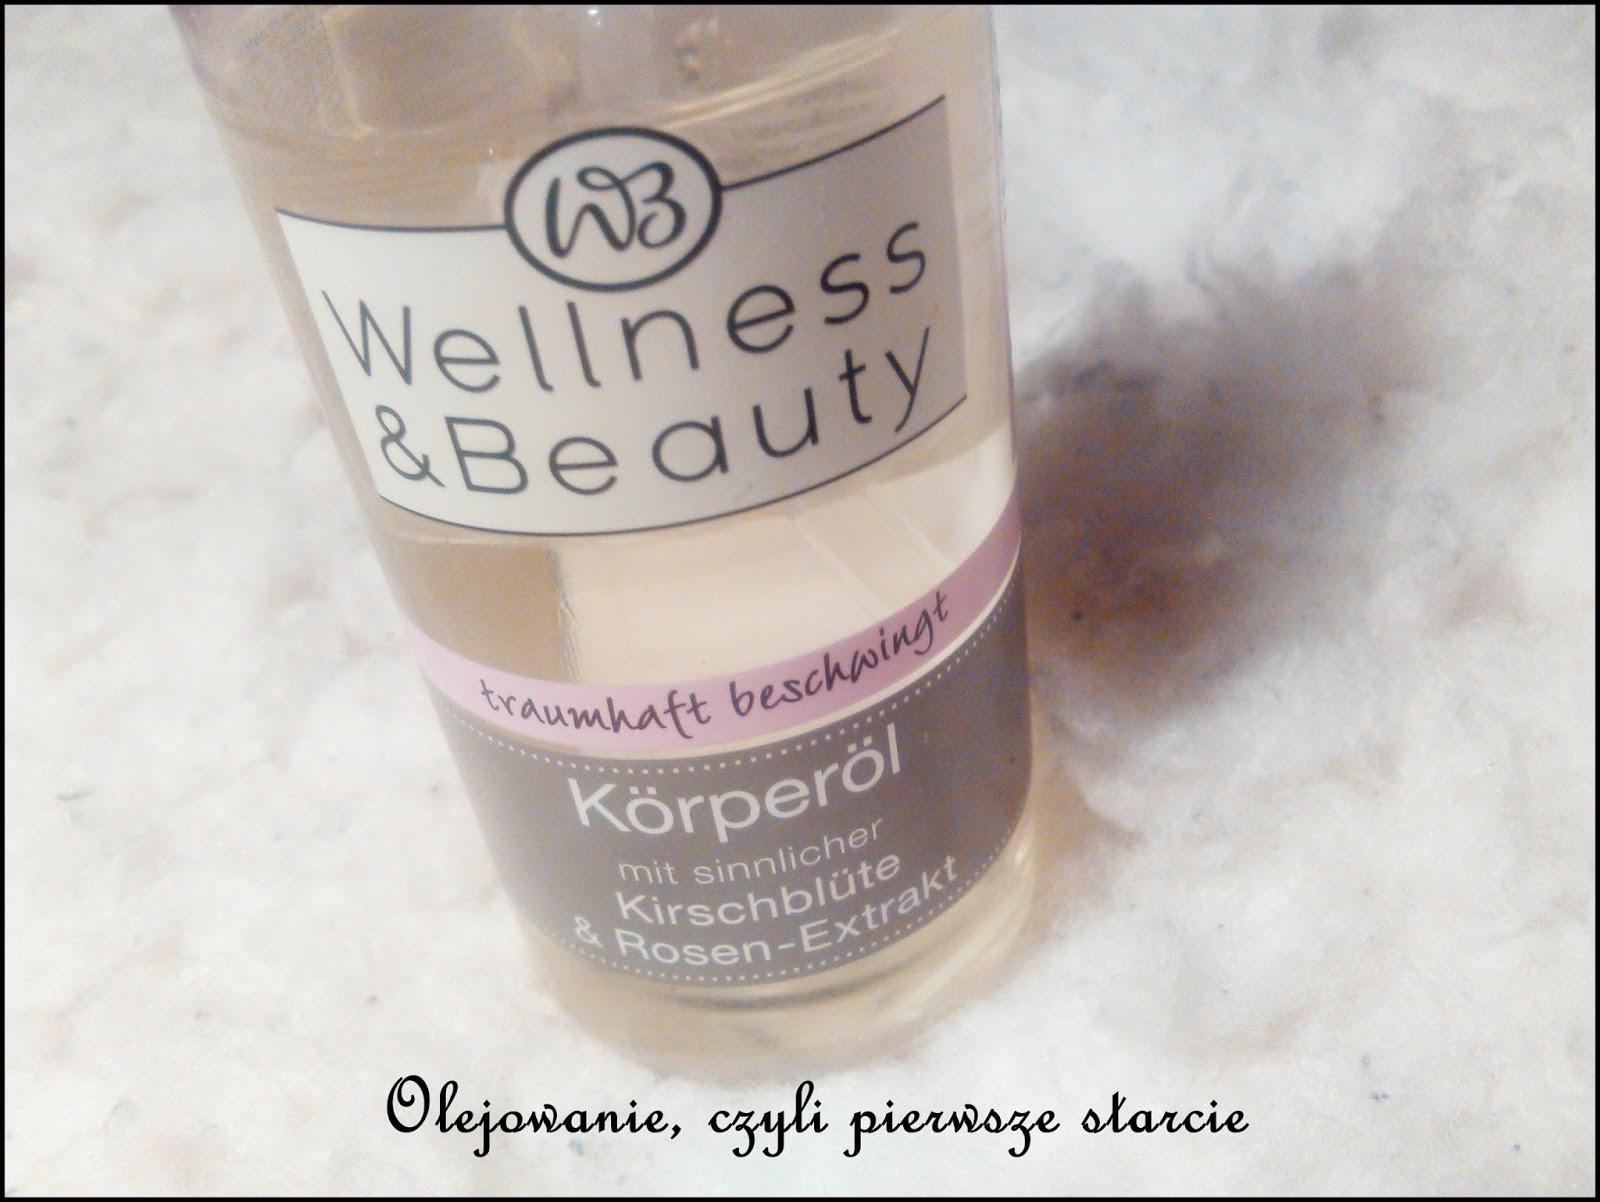 Olejowanie, czyli pierwsze starcie - Wellness&Beauty